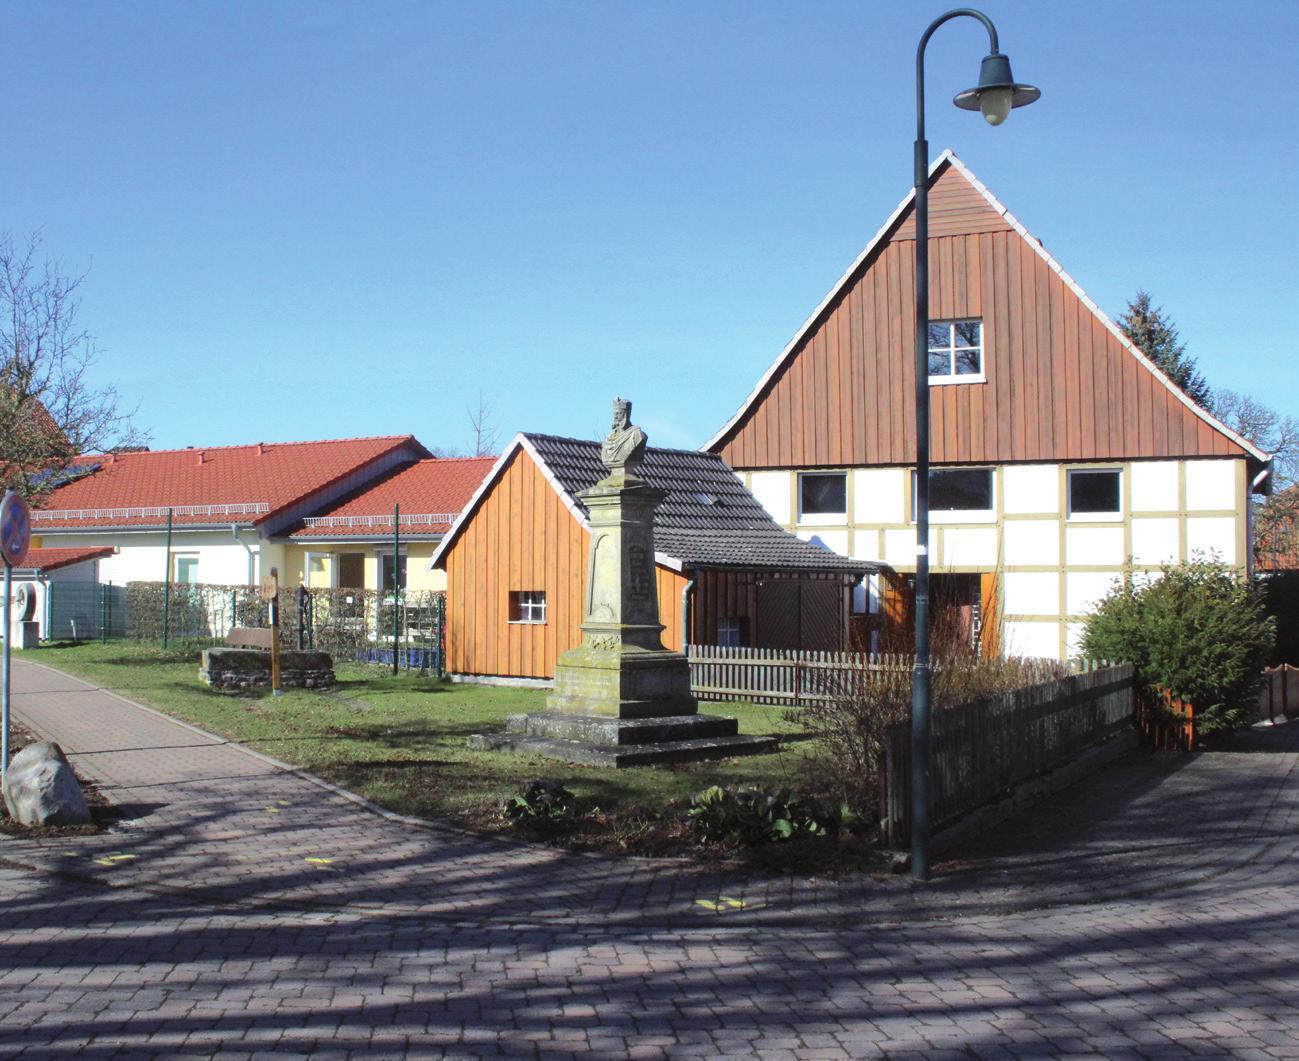 Soll wachsen: die Kindertagesstätte mit Erweiterungsgelände.